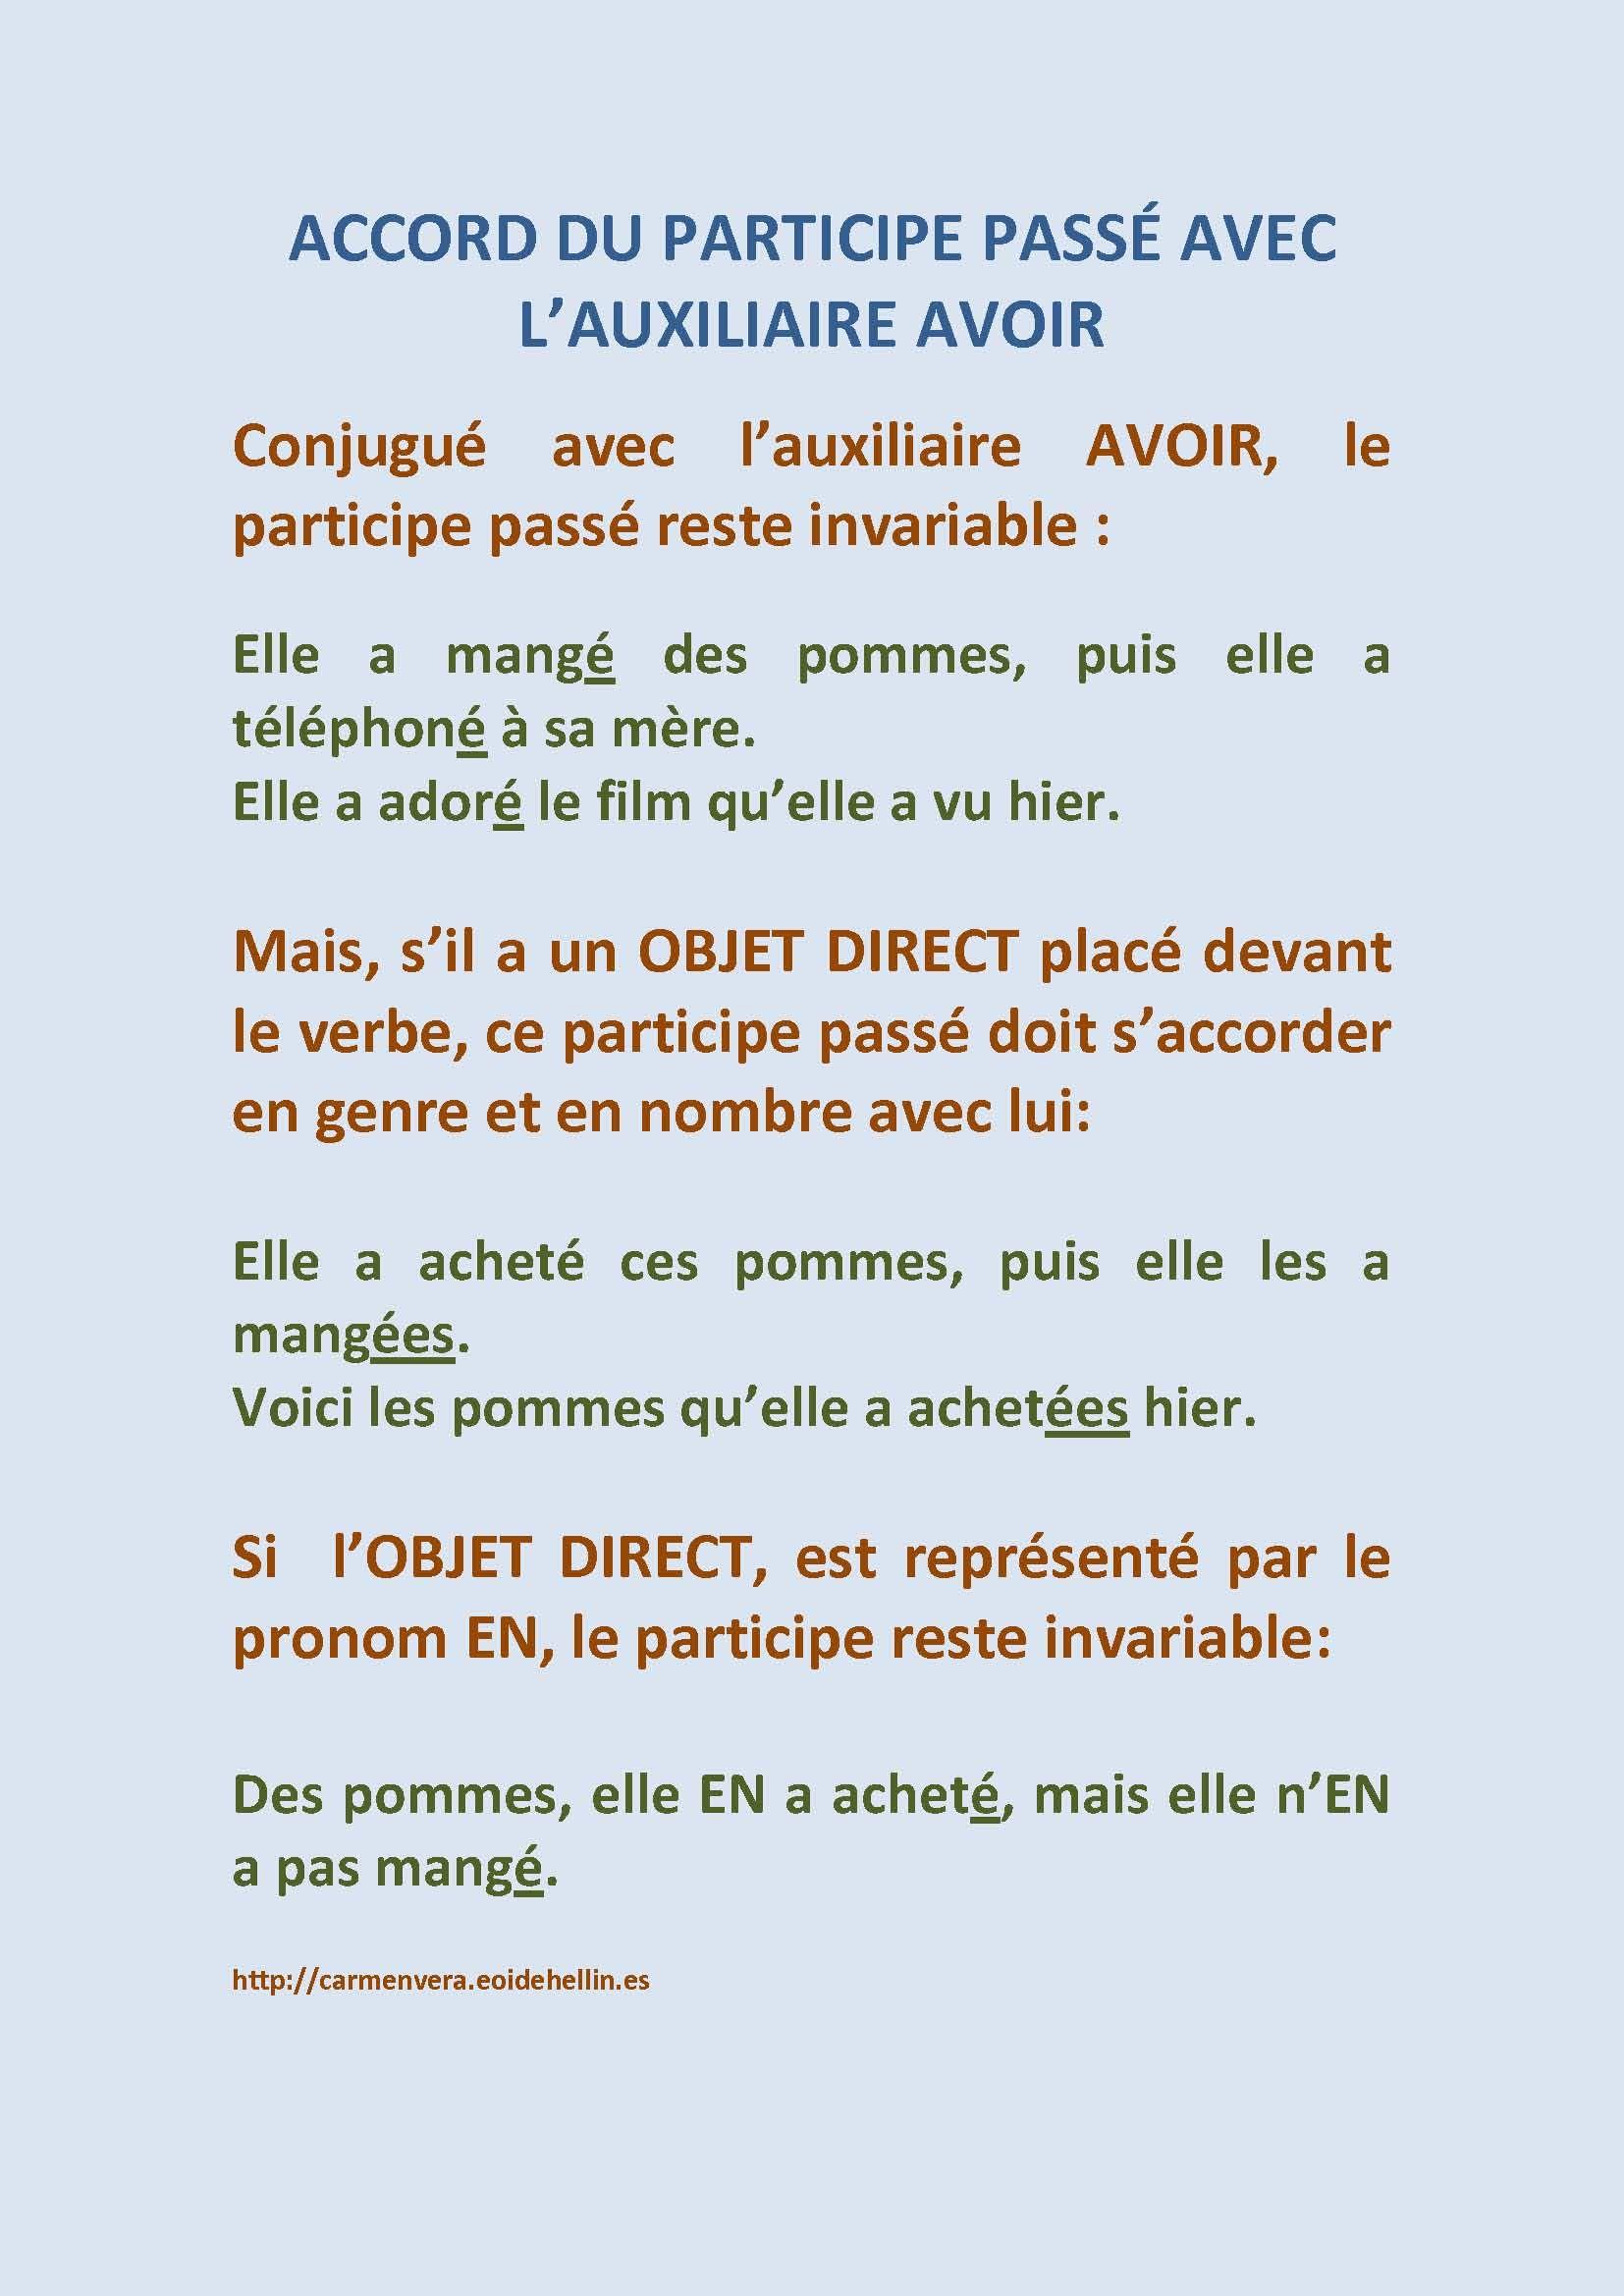 Les accords - Grammaire - Bien écrire.org